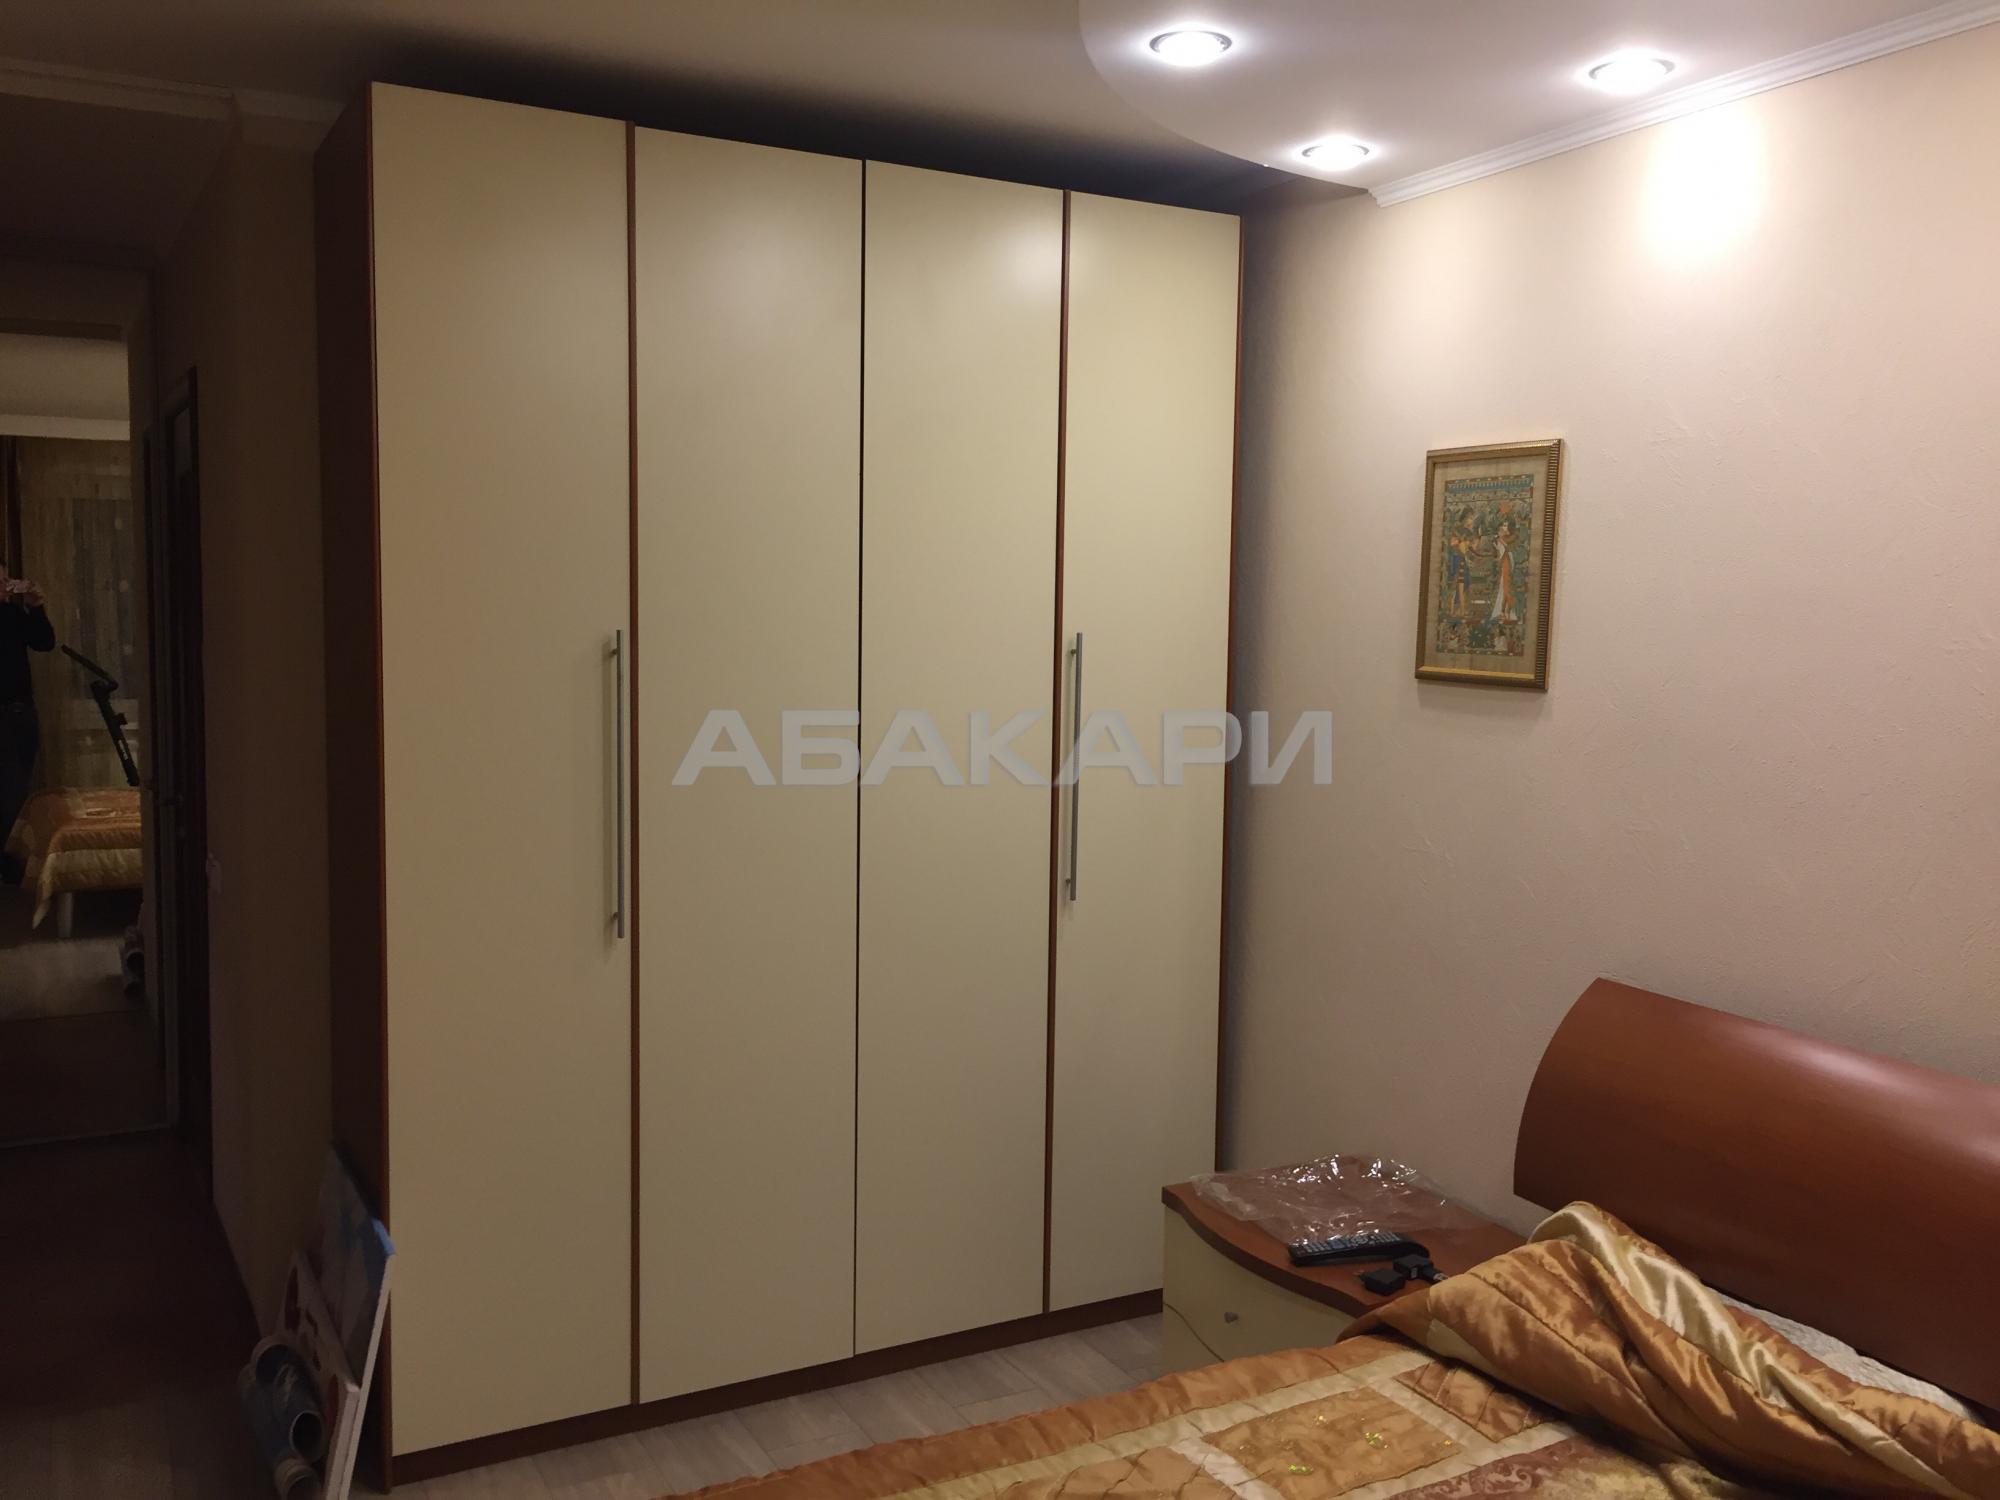 2к квартира улица Дубенского, 4А | 32000 | аренда в Красноярске фото 4